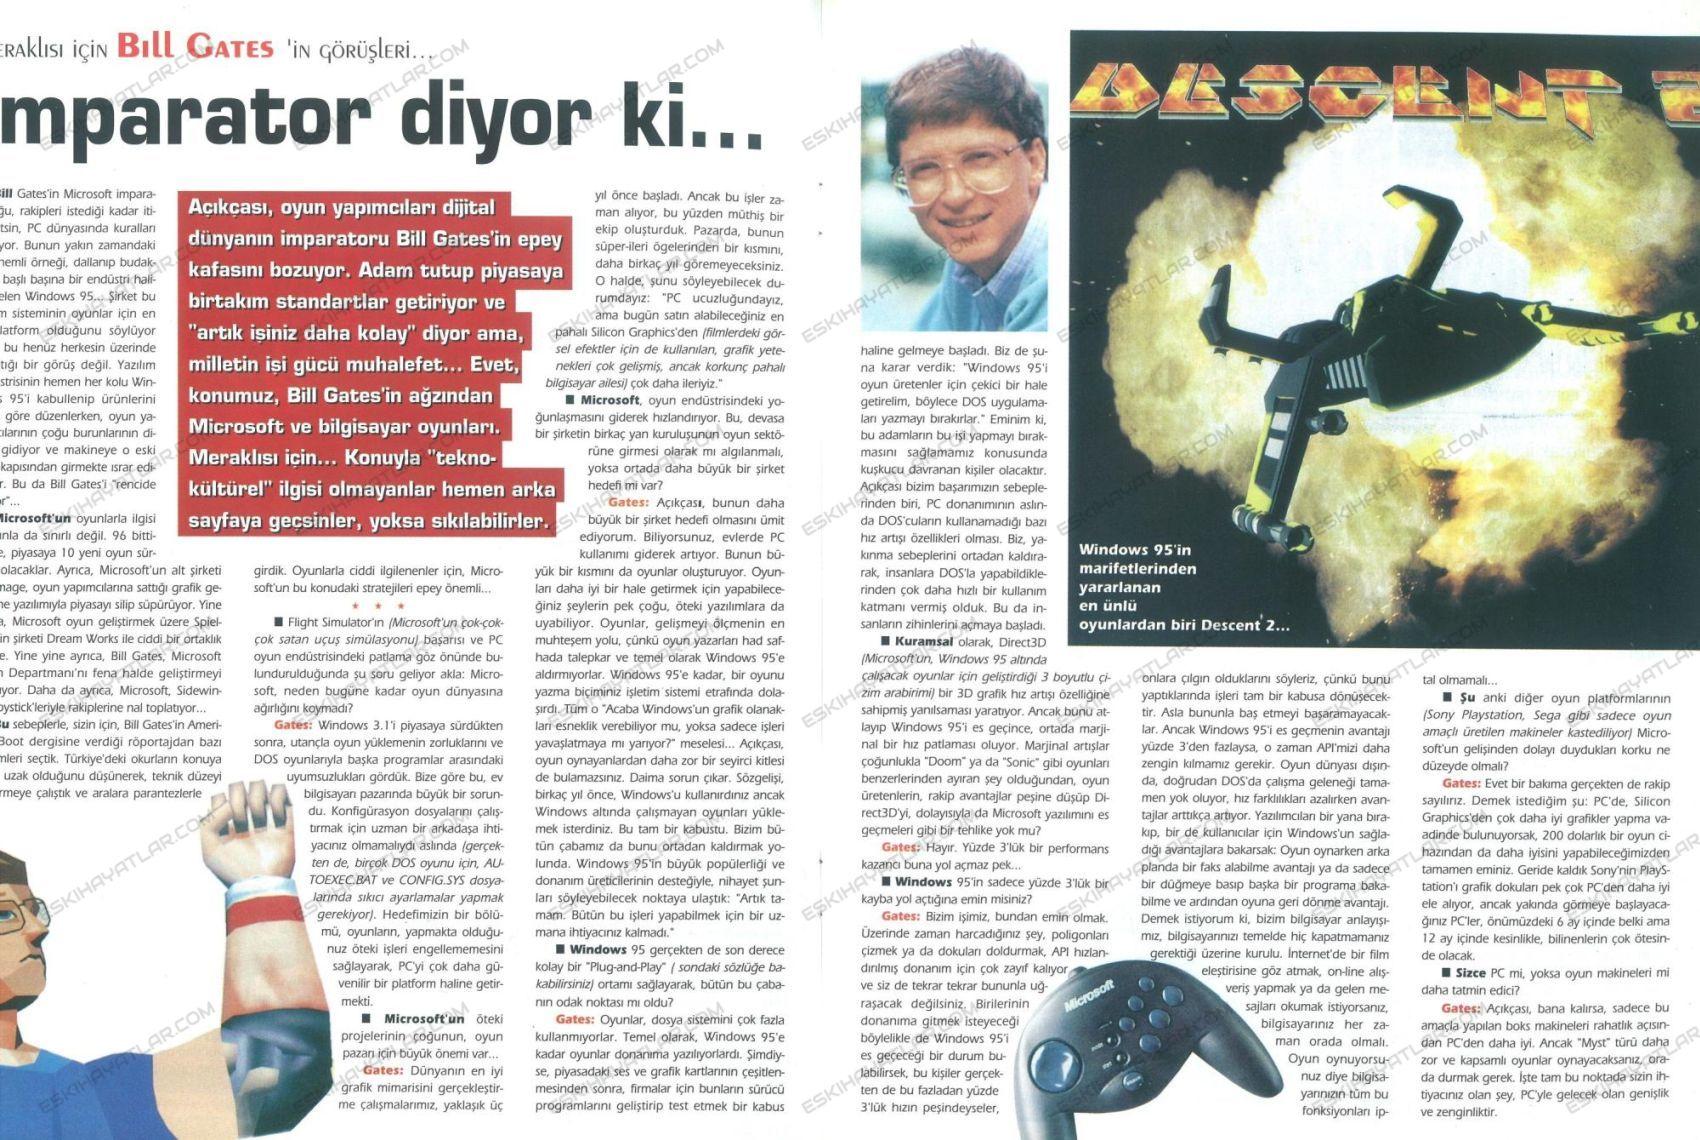 0277-doksanli-yillarin-bilgisayar-oyunlari-1996-yilinda-bilgisayar-markalari (11)